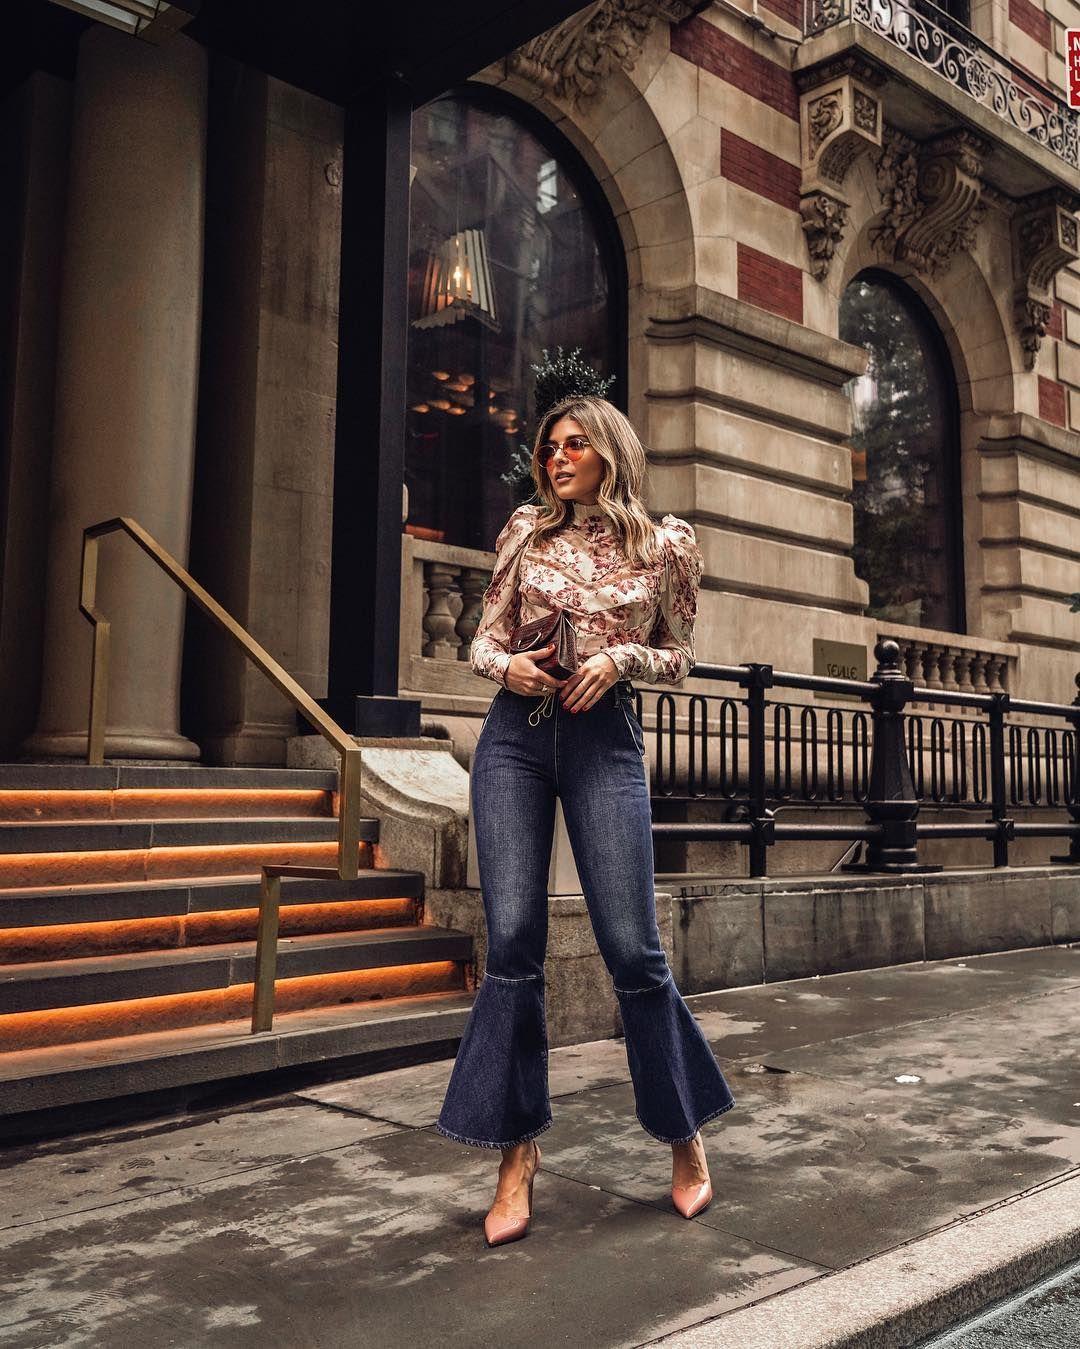 Джинси-кльош - на піку популярності у 2019-ому. Візьміть на замітку - такі  брюки повинні ідеально сидіти на талії та сідницях. Щодо довжини джинси-кльош  ... 4e5dd6ee12d7a